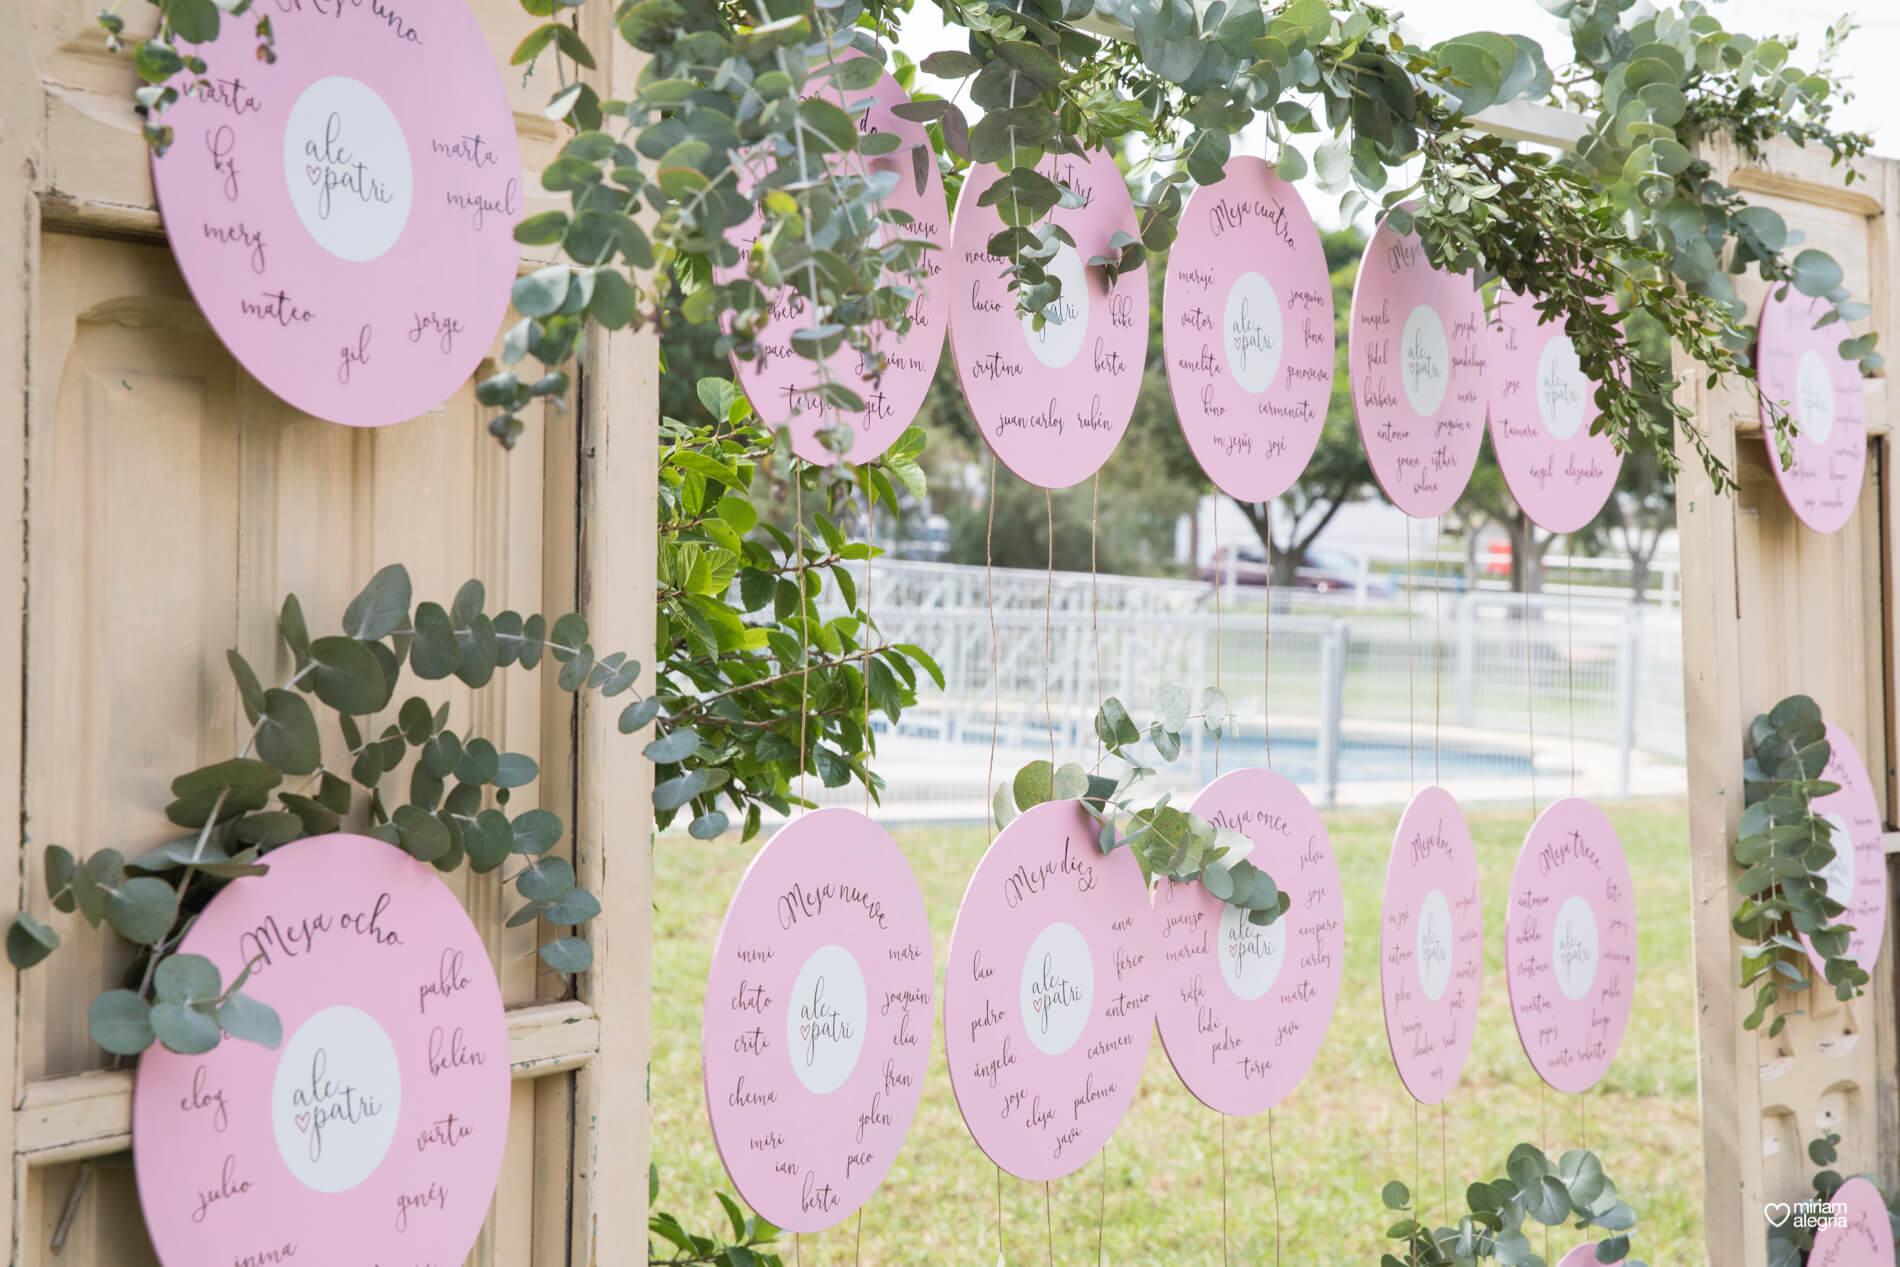 boda-en-finca-villa-vera-de-alemc7-miriam-alegria-fotografos-boda-murcia-83